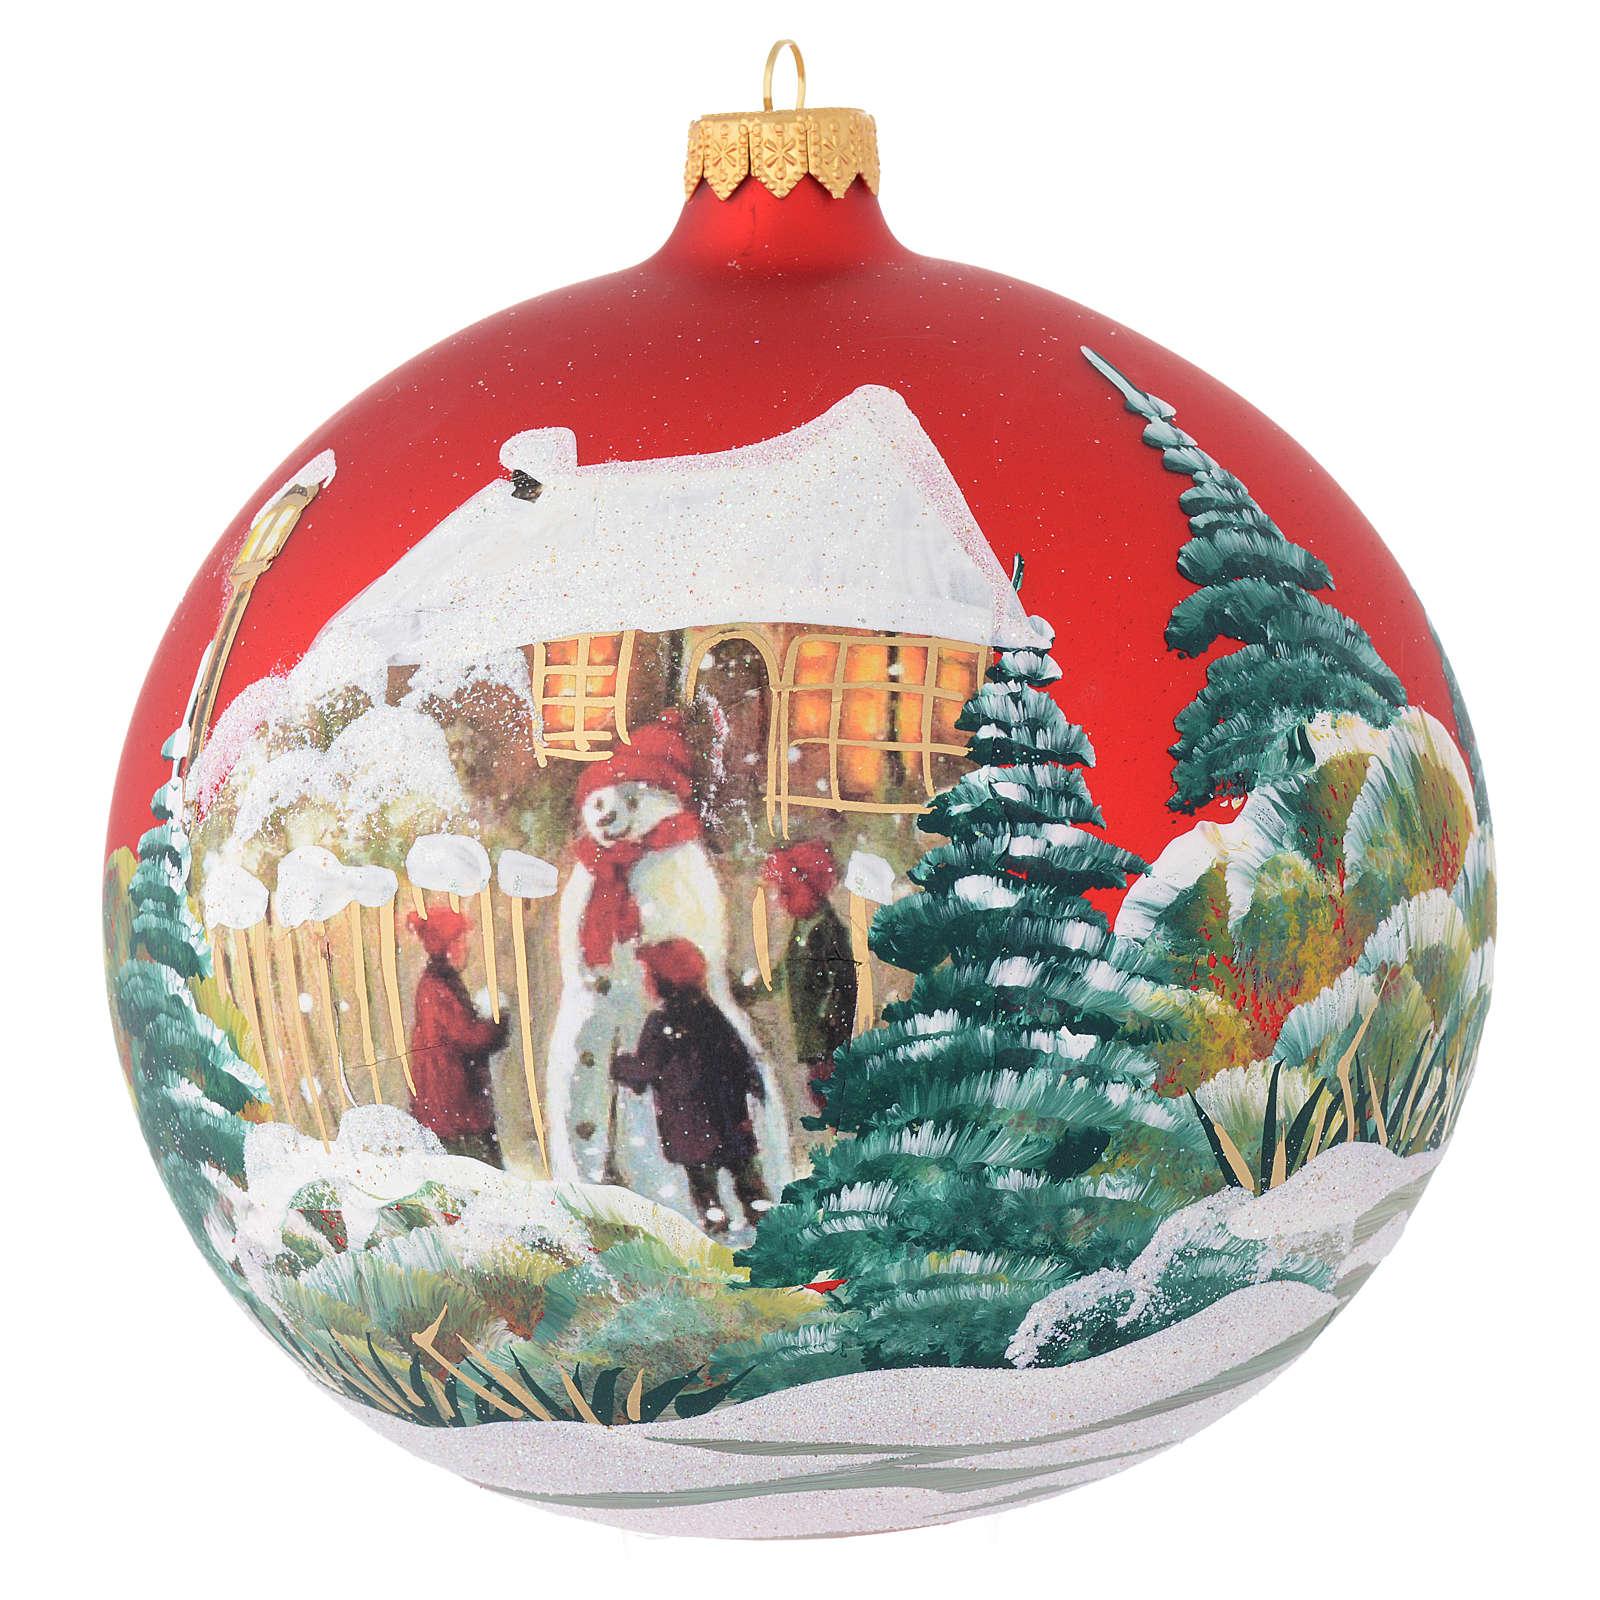 Palla Albero vetro rosso decoupage pupazzo neve 150 mm 4